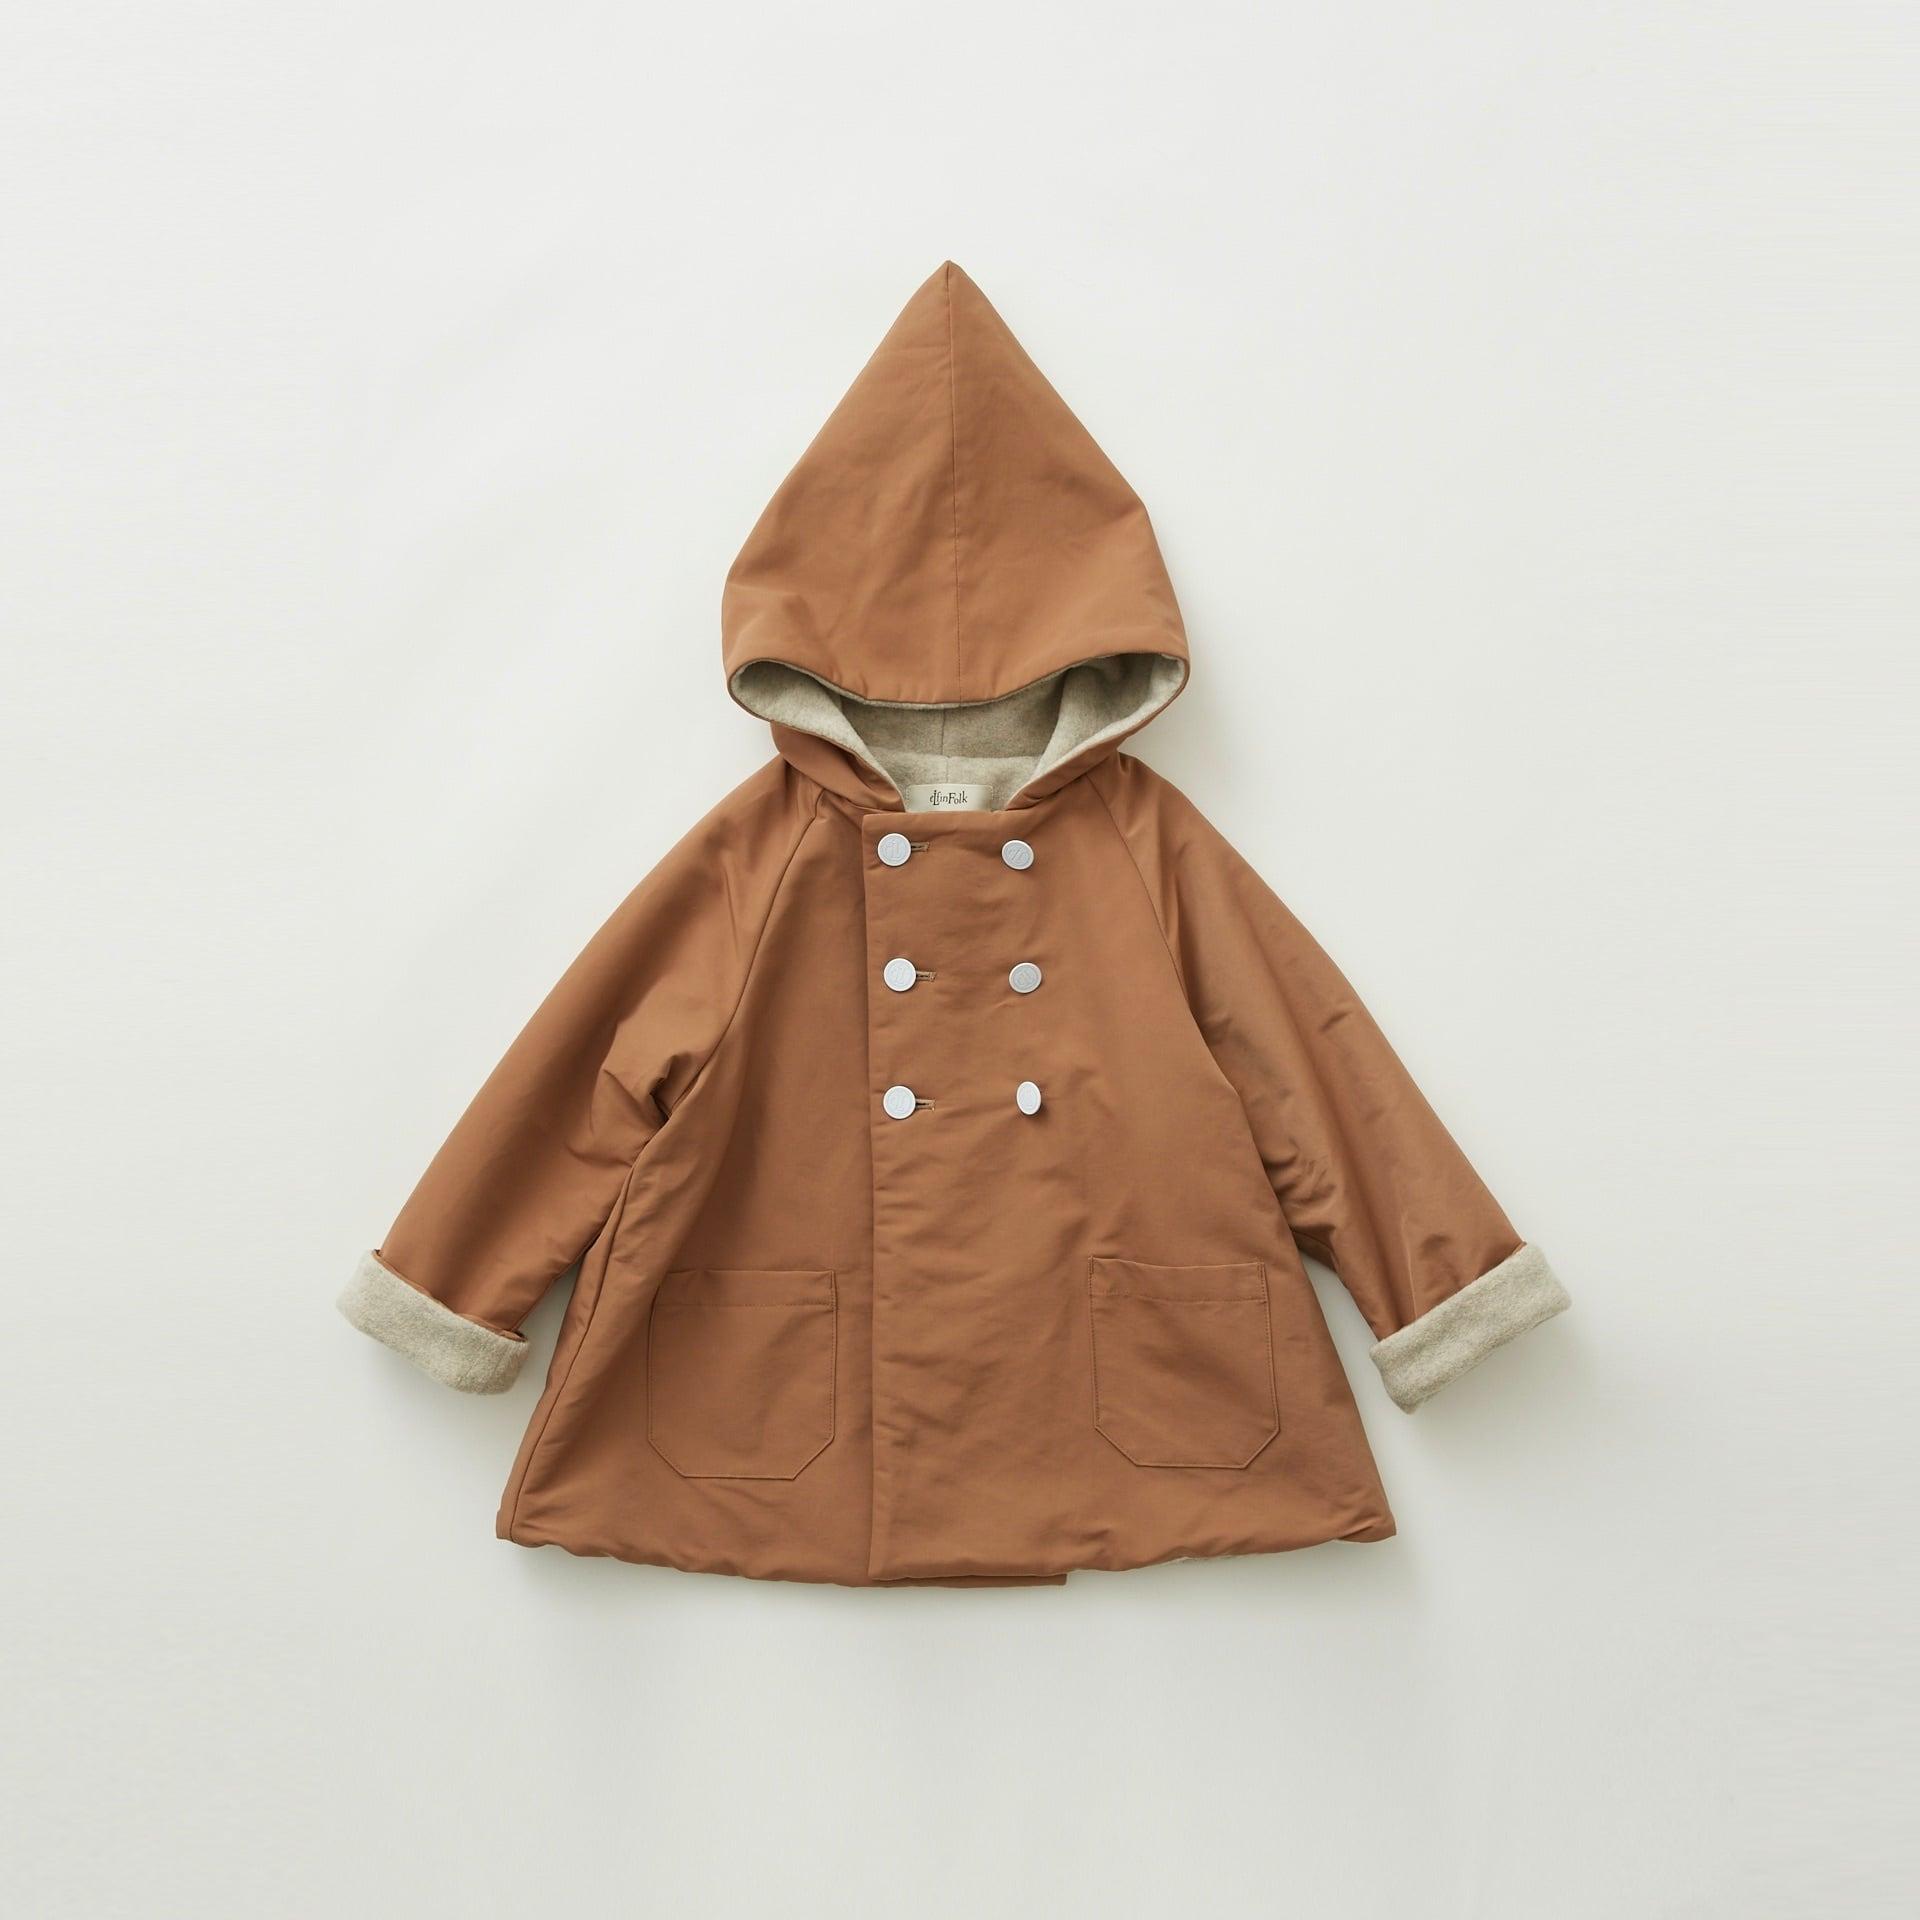 《eLfinFolk 2021AW》elf coat / milky brown / 90-100cm